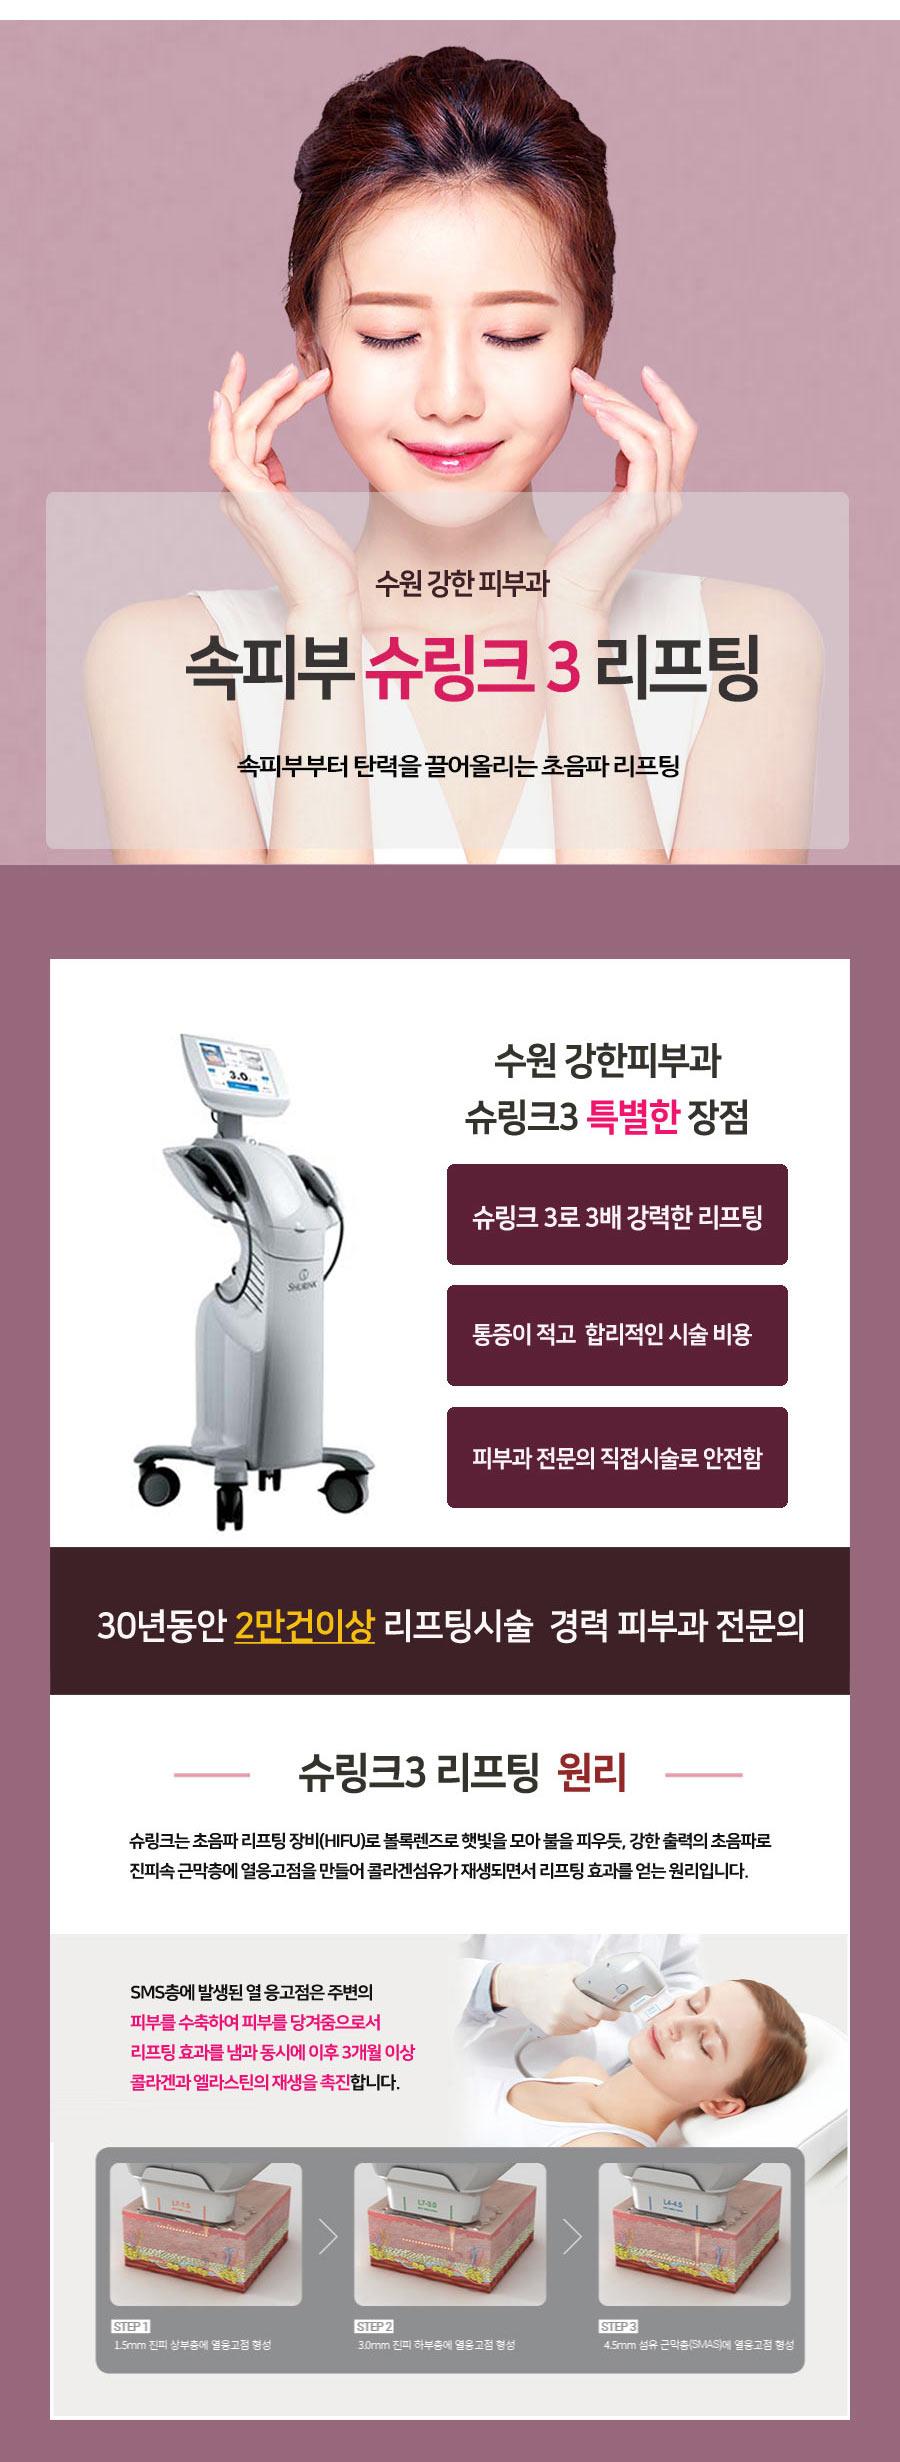 수원 슈링크 리프팅